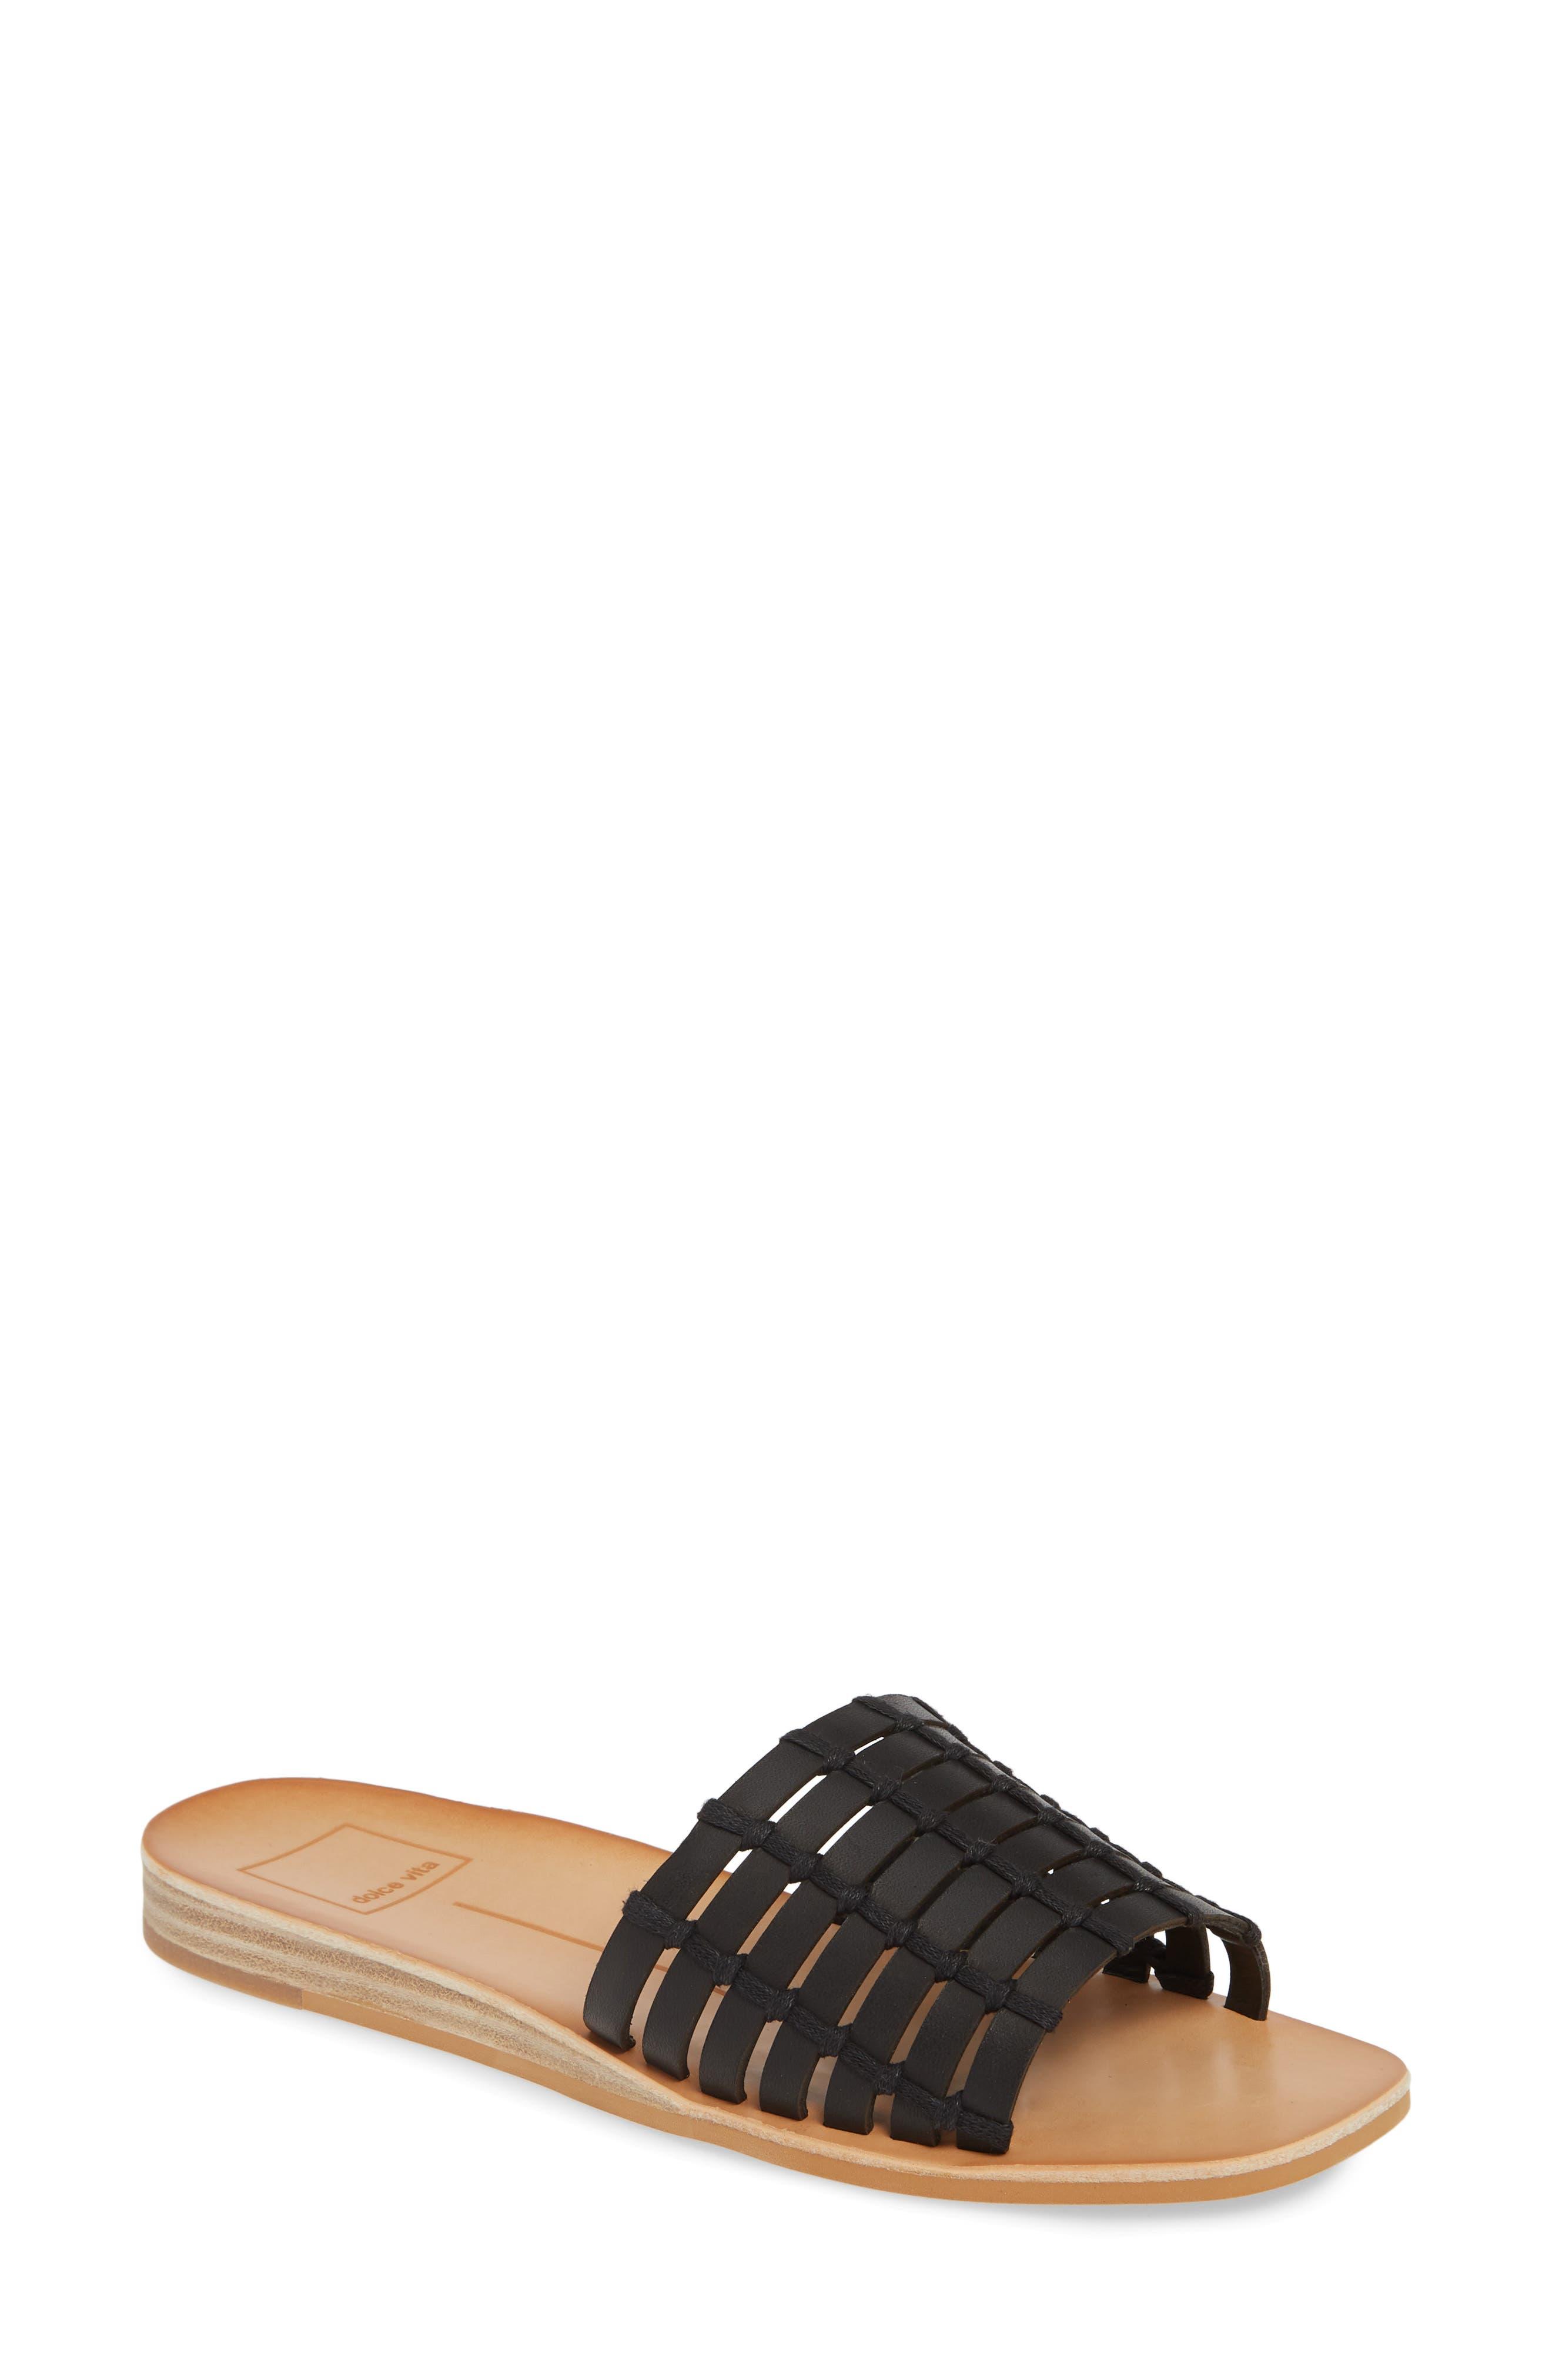 Dolce Vita Colsen Slide Sandal, Black